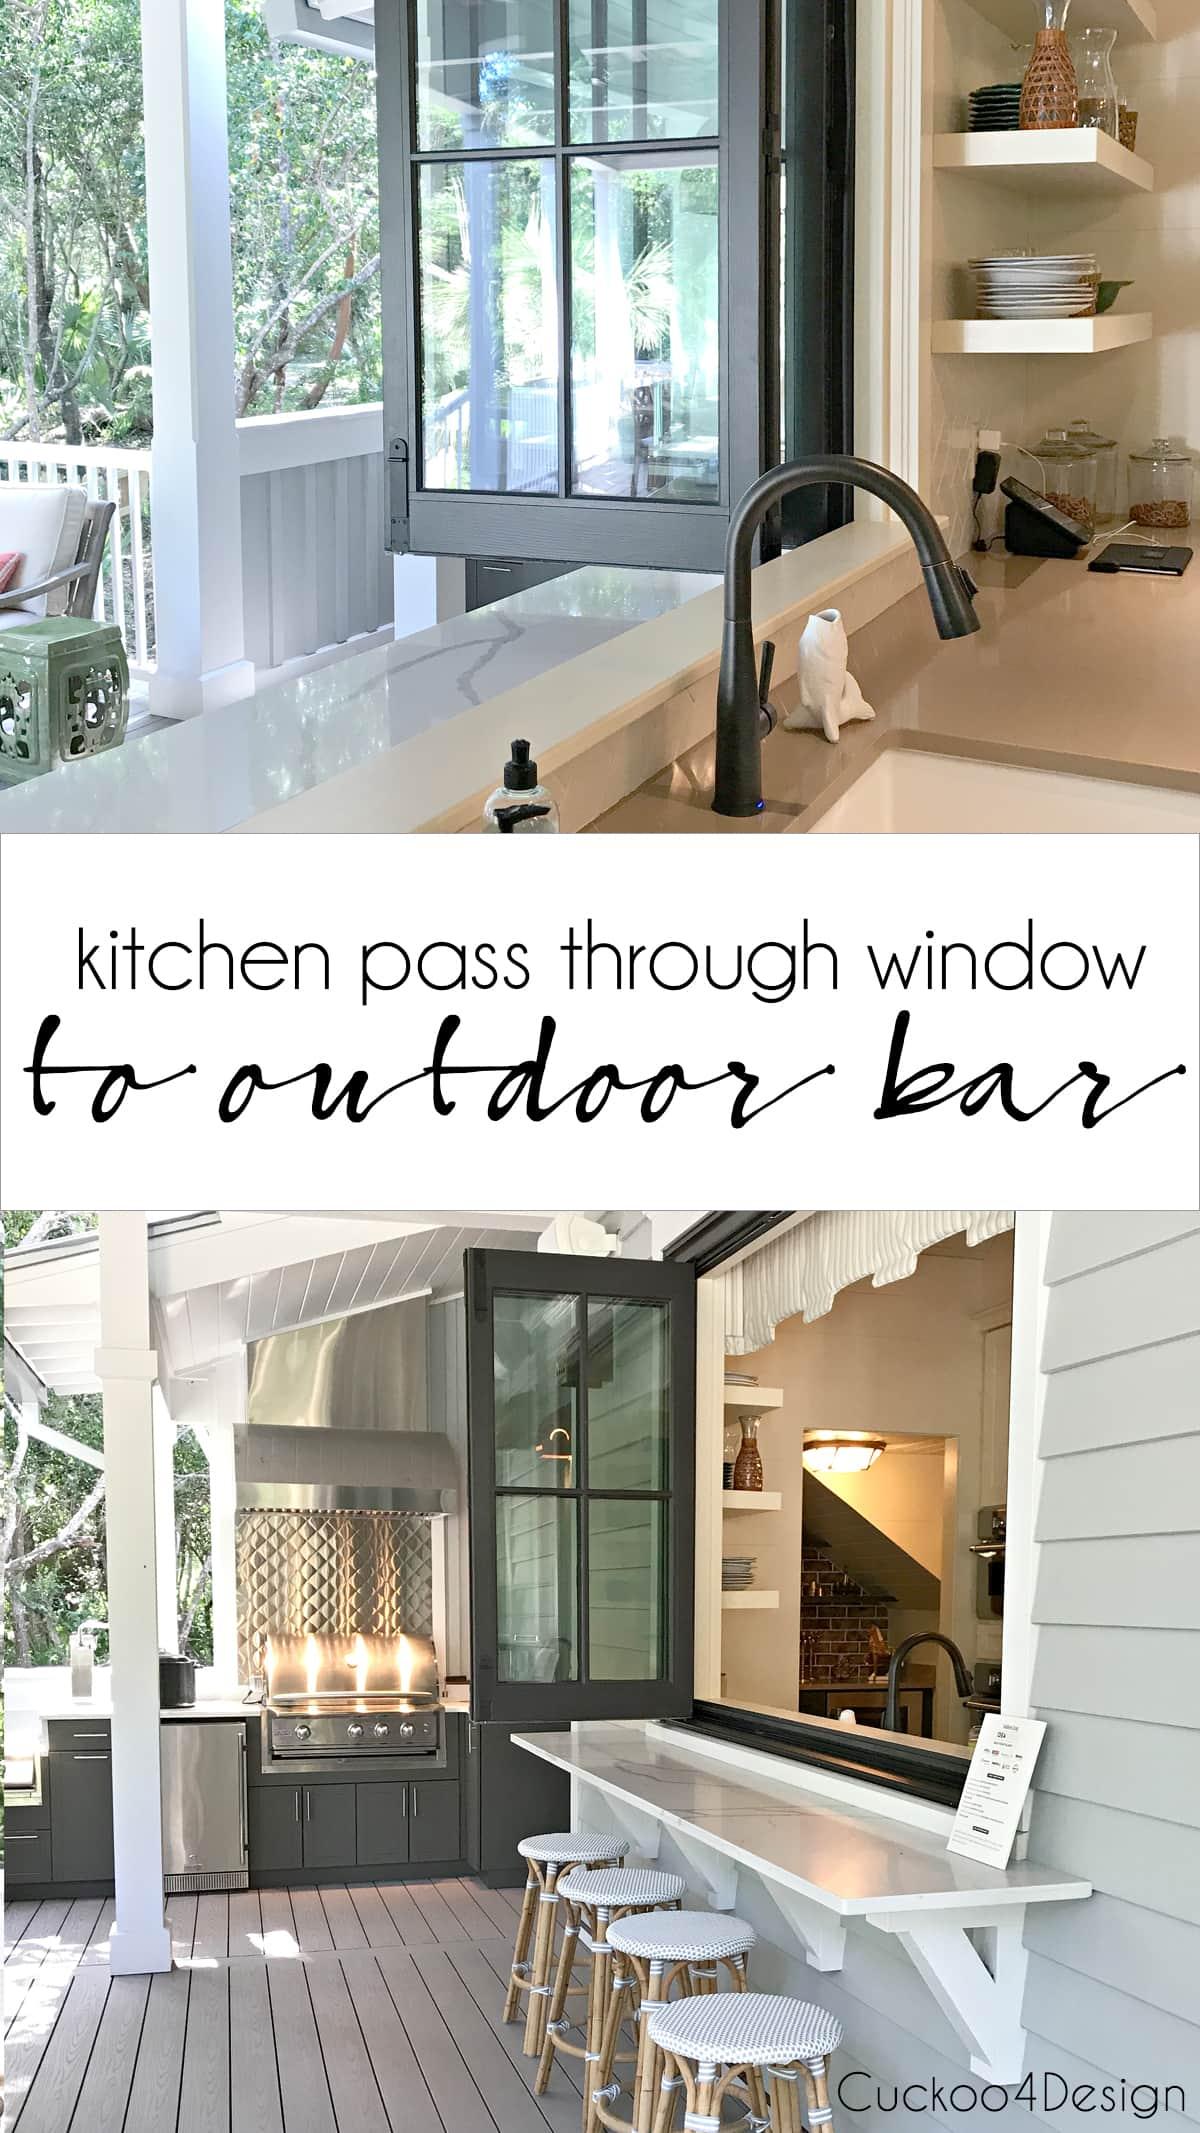 kitchen passthrough window to outdoor bar